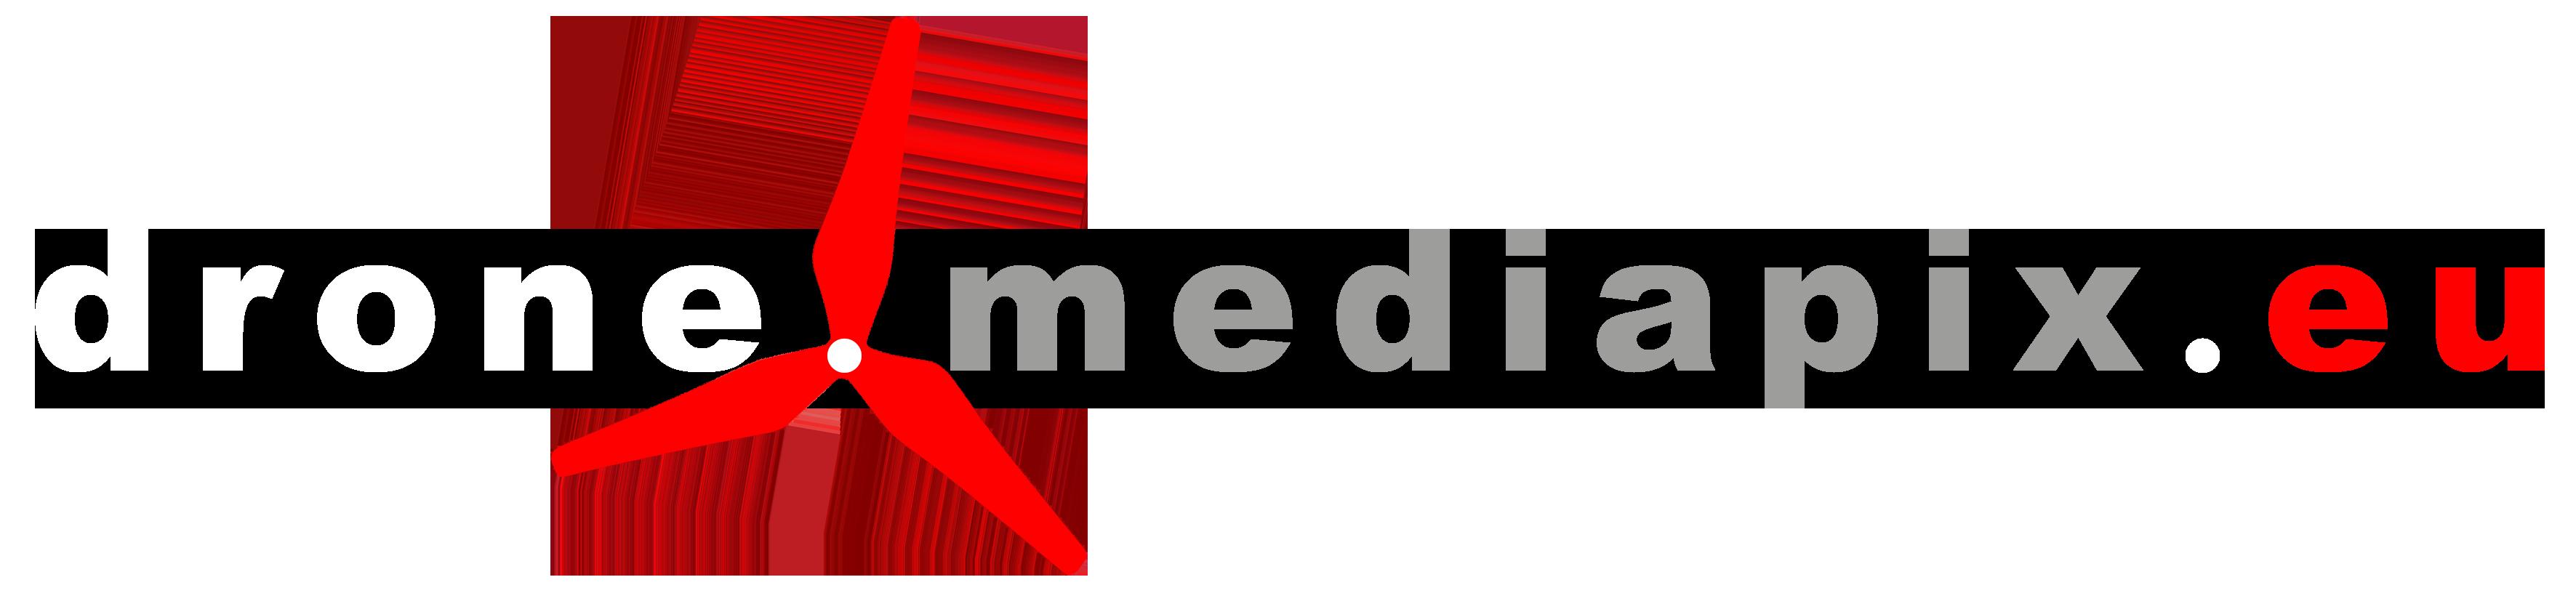 Drone.Mediapix.eu